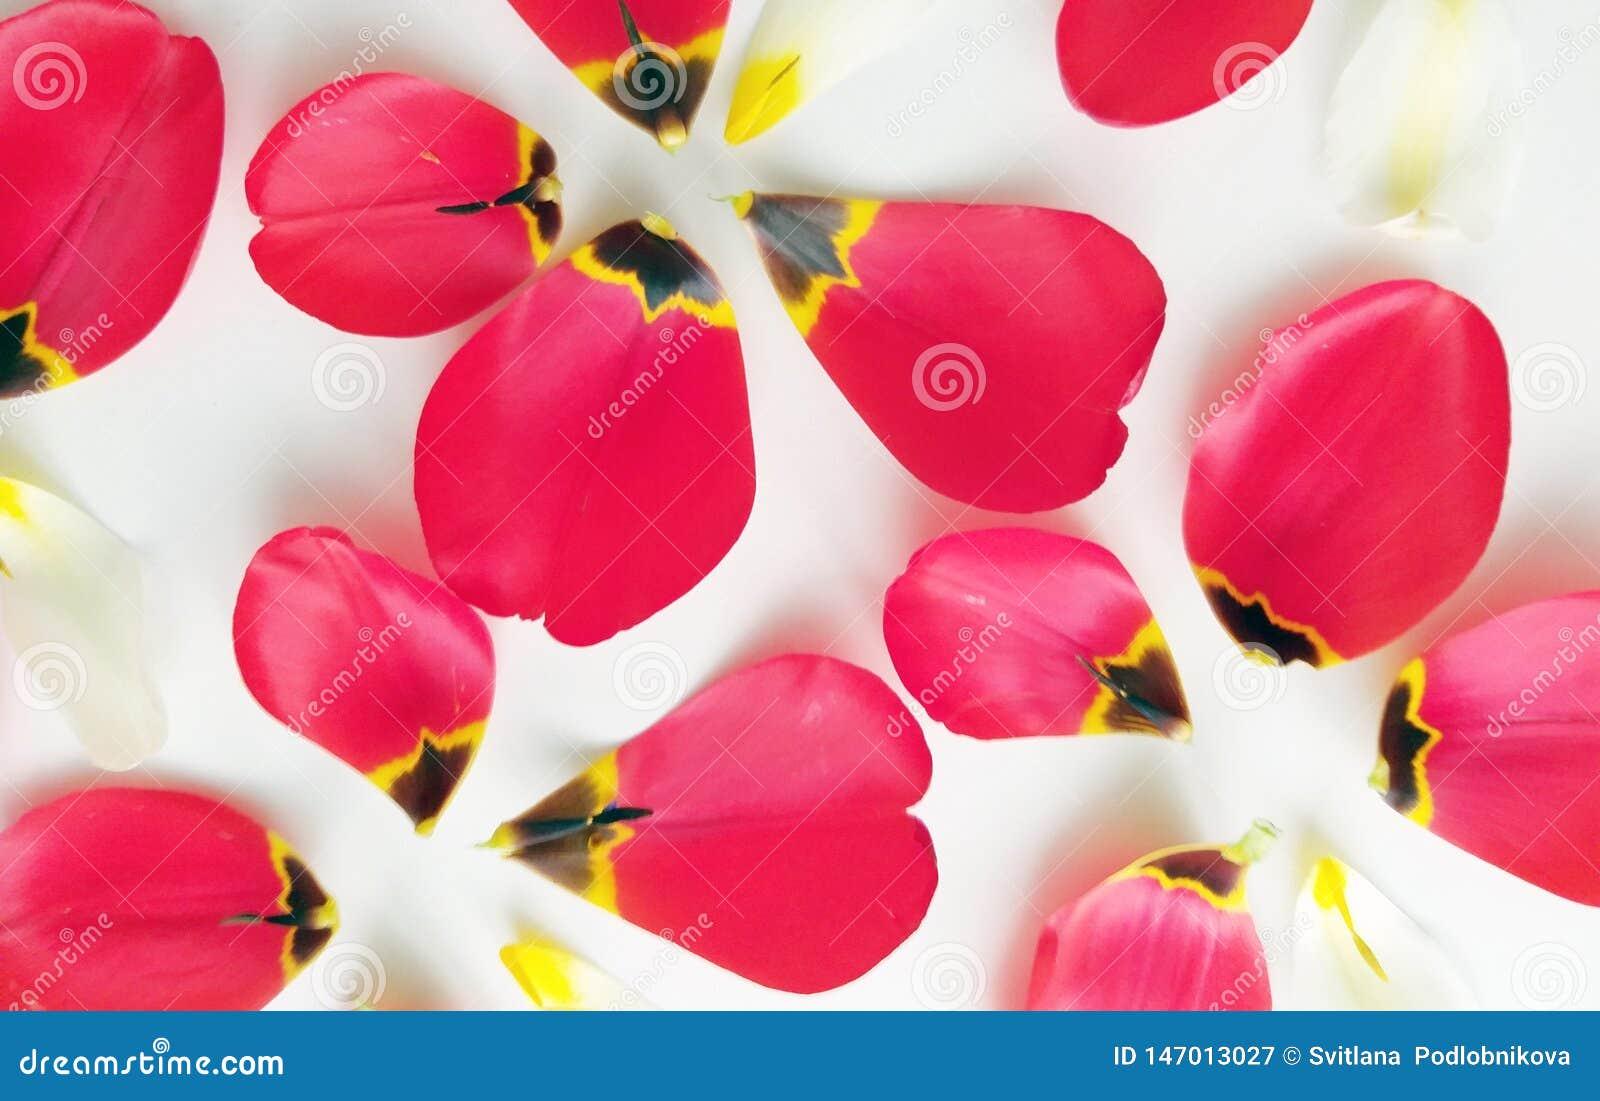 Bloemachtergrond met bloemblaadjes van tulpen